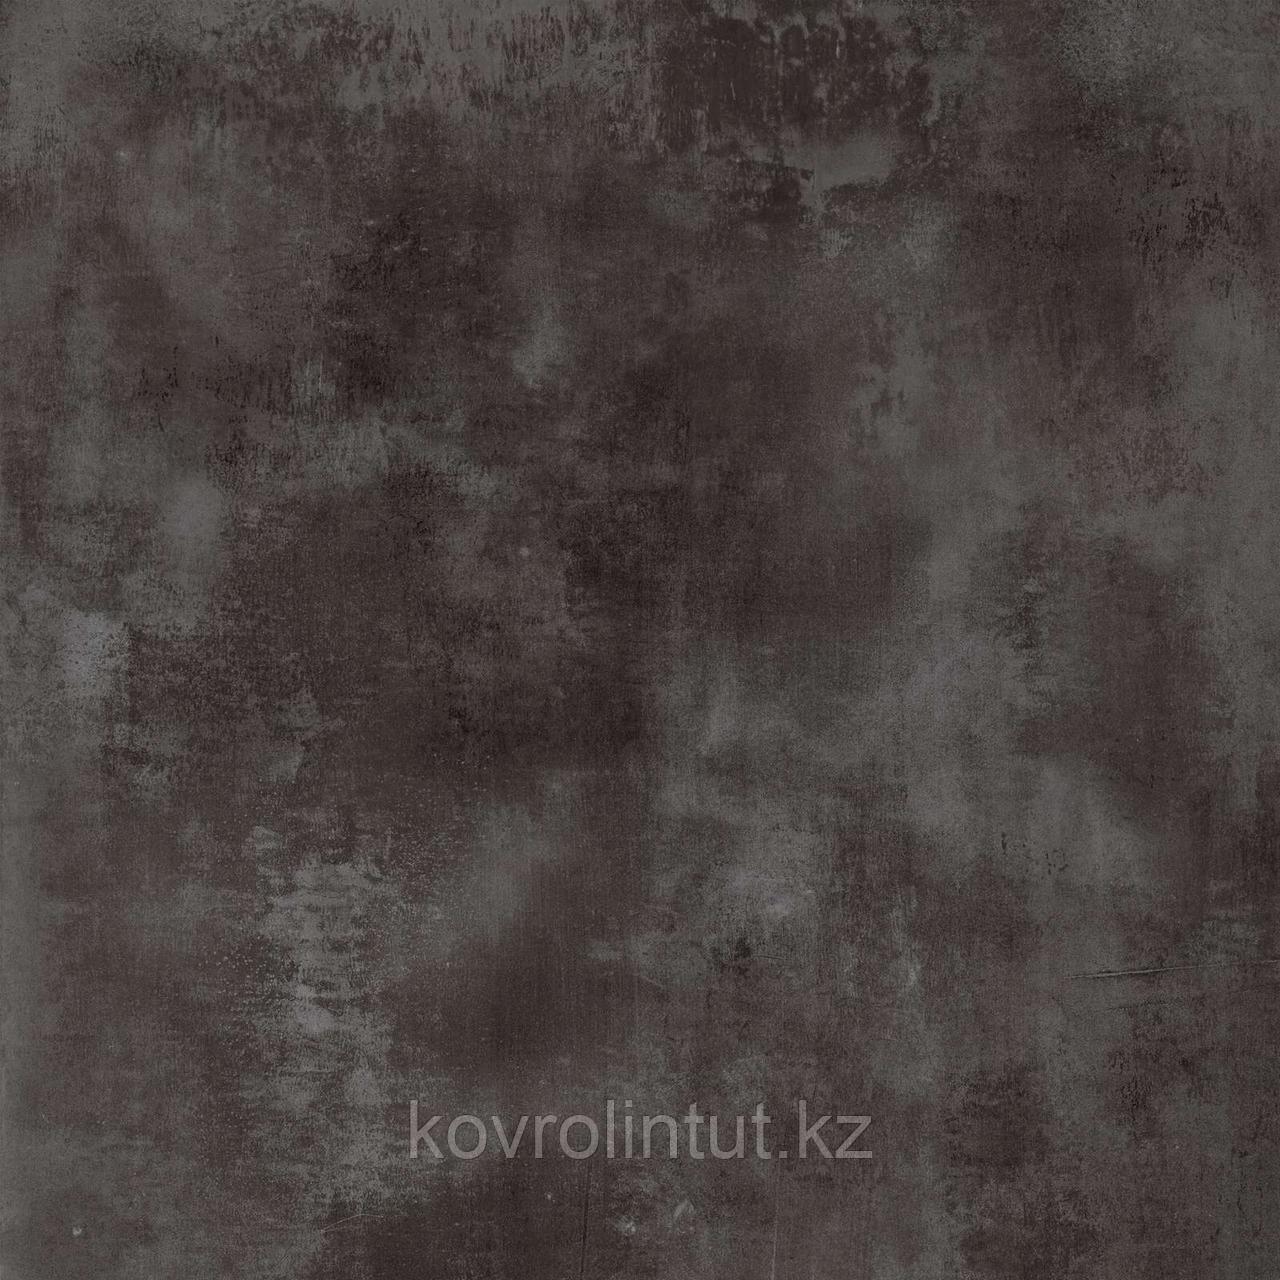 Плитка ПВХ клеевая IVC Ultimo Dorato Stone 40992M